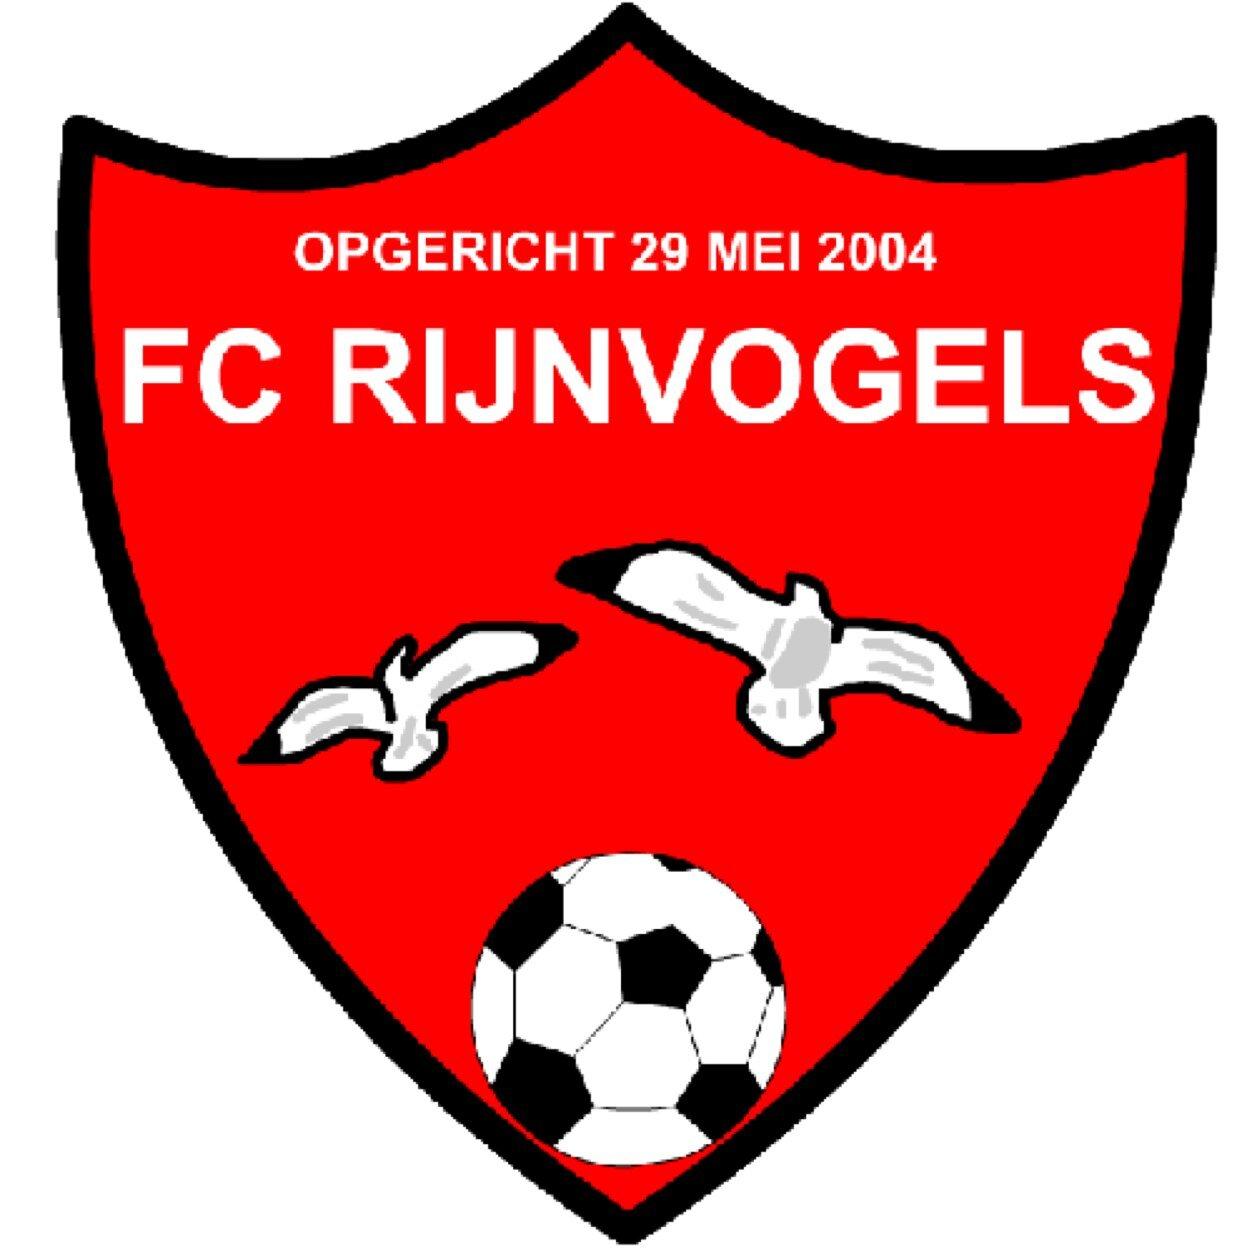 FC Rijnvogels (@RijnvogelsFC).